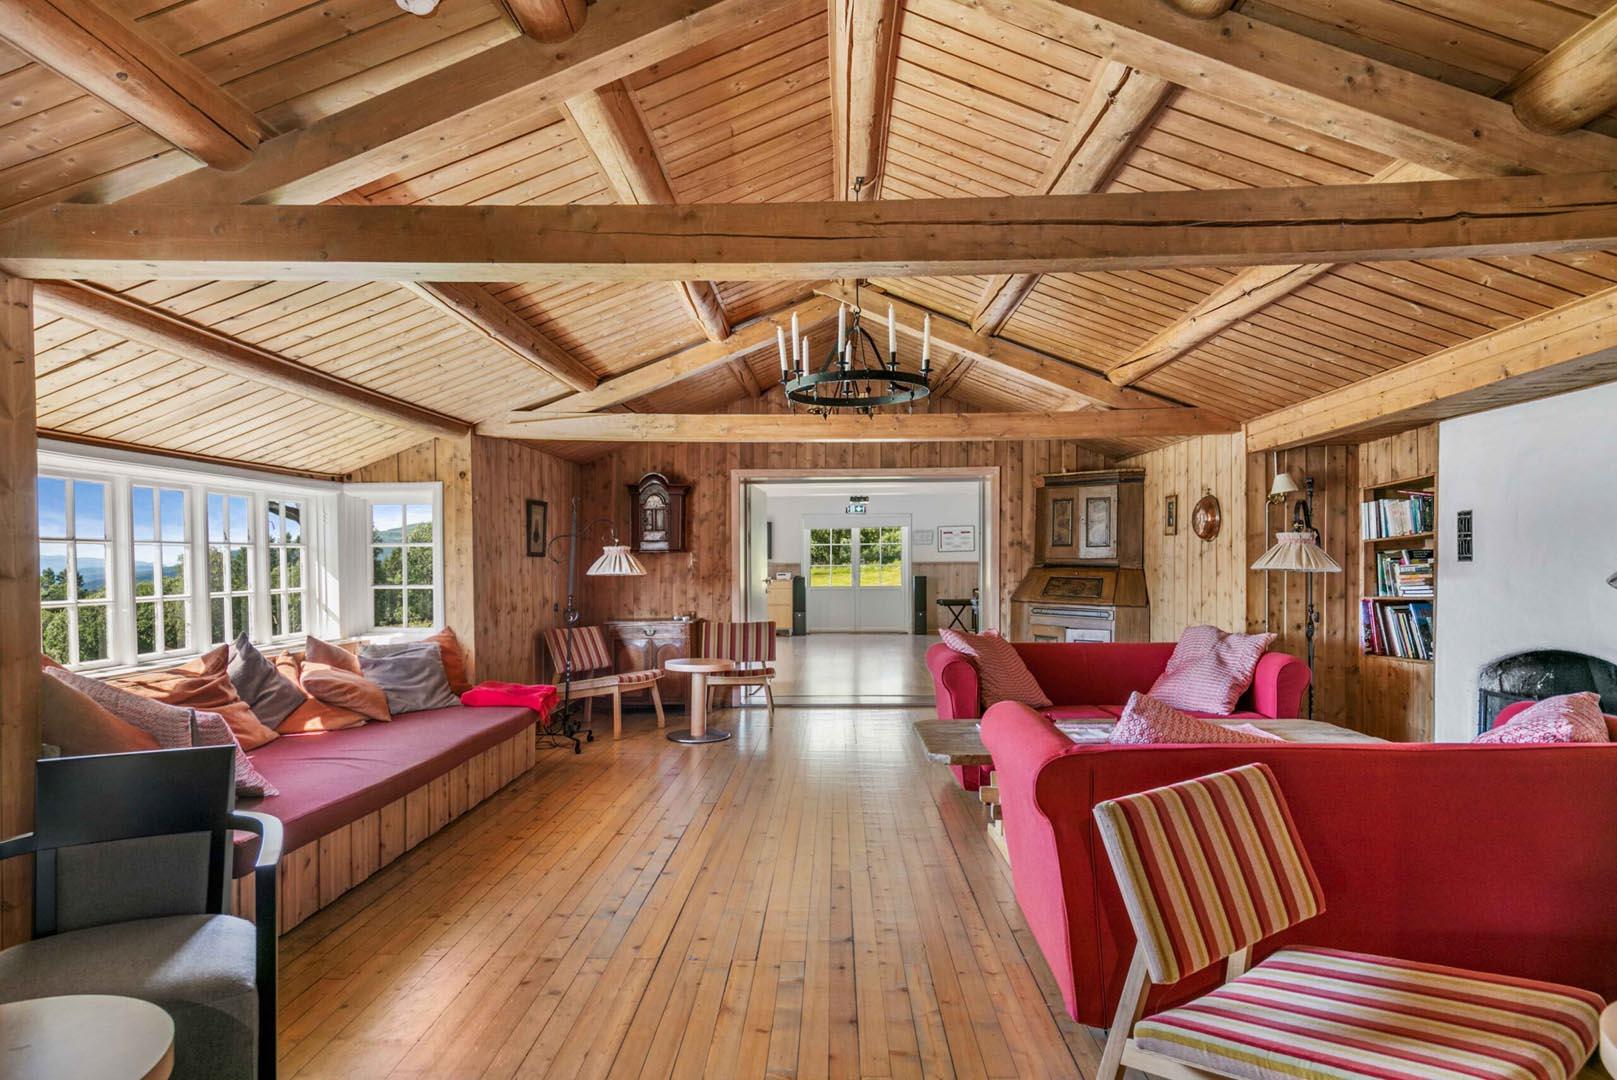 Bilde av innsiden på en hytte.